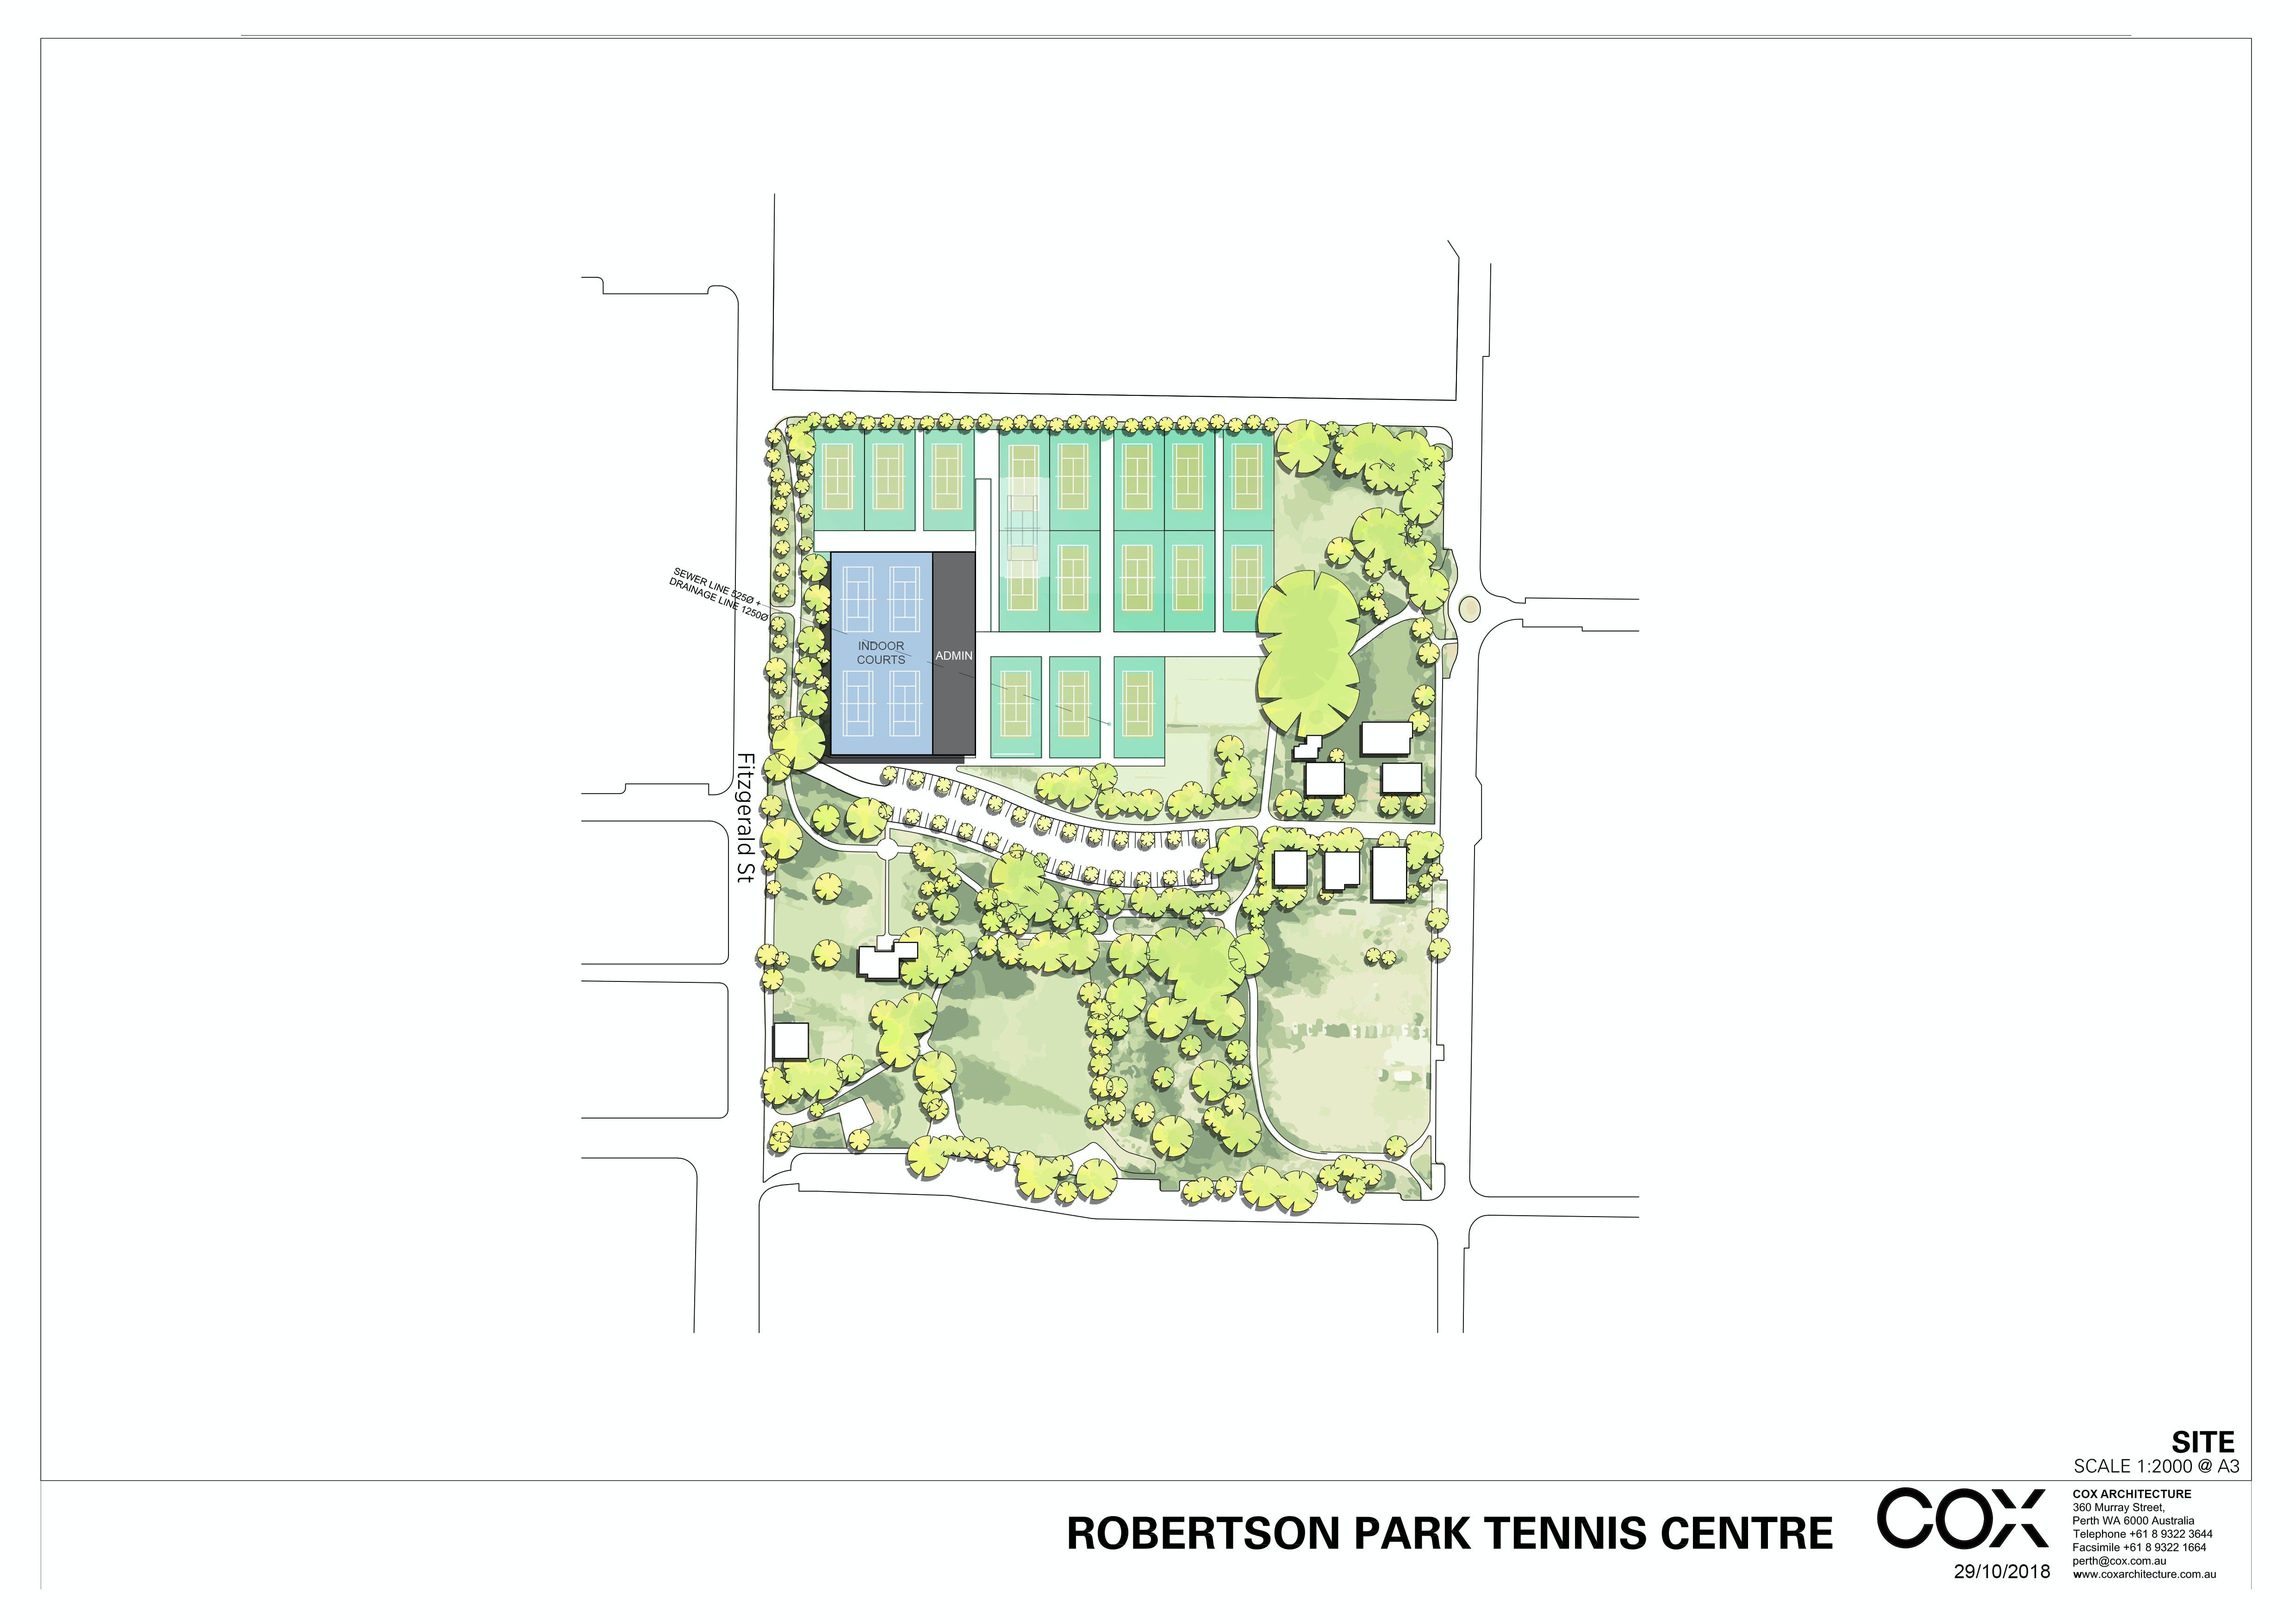 Robertson Park Tennis Centre